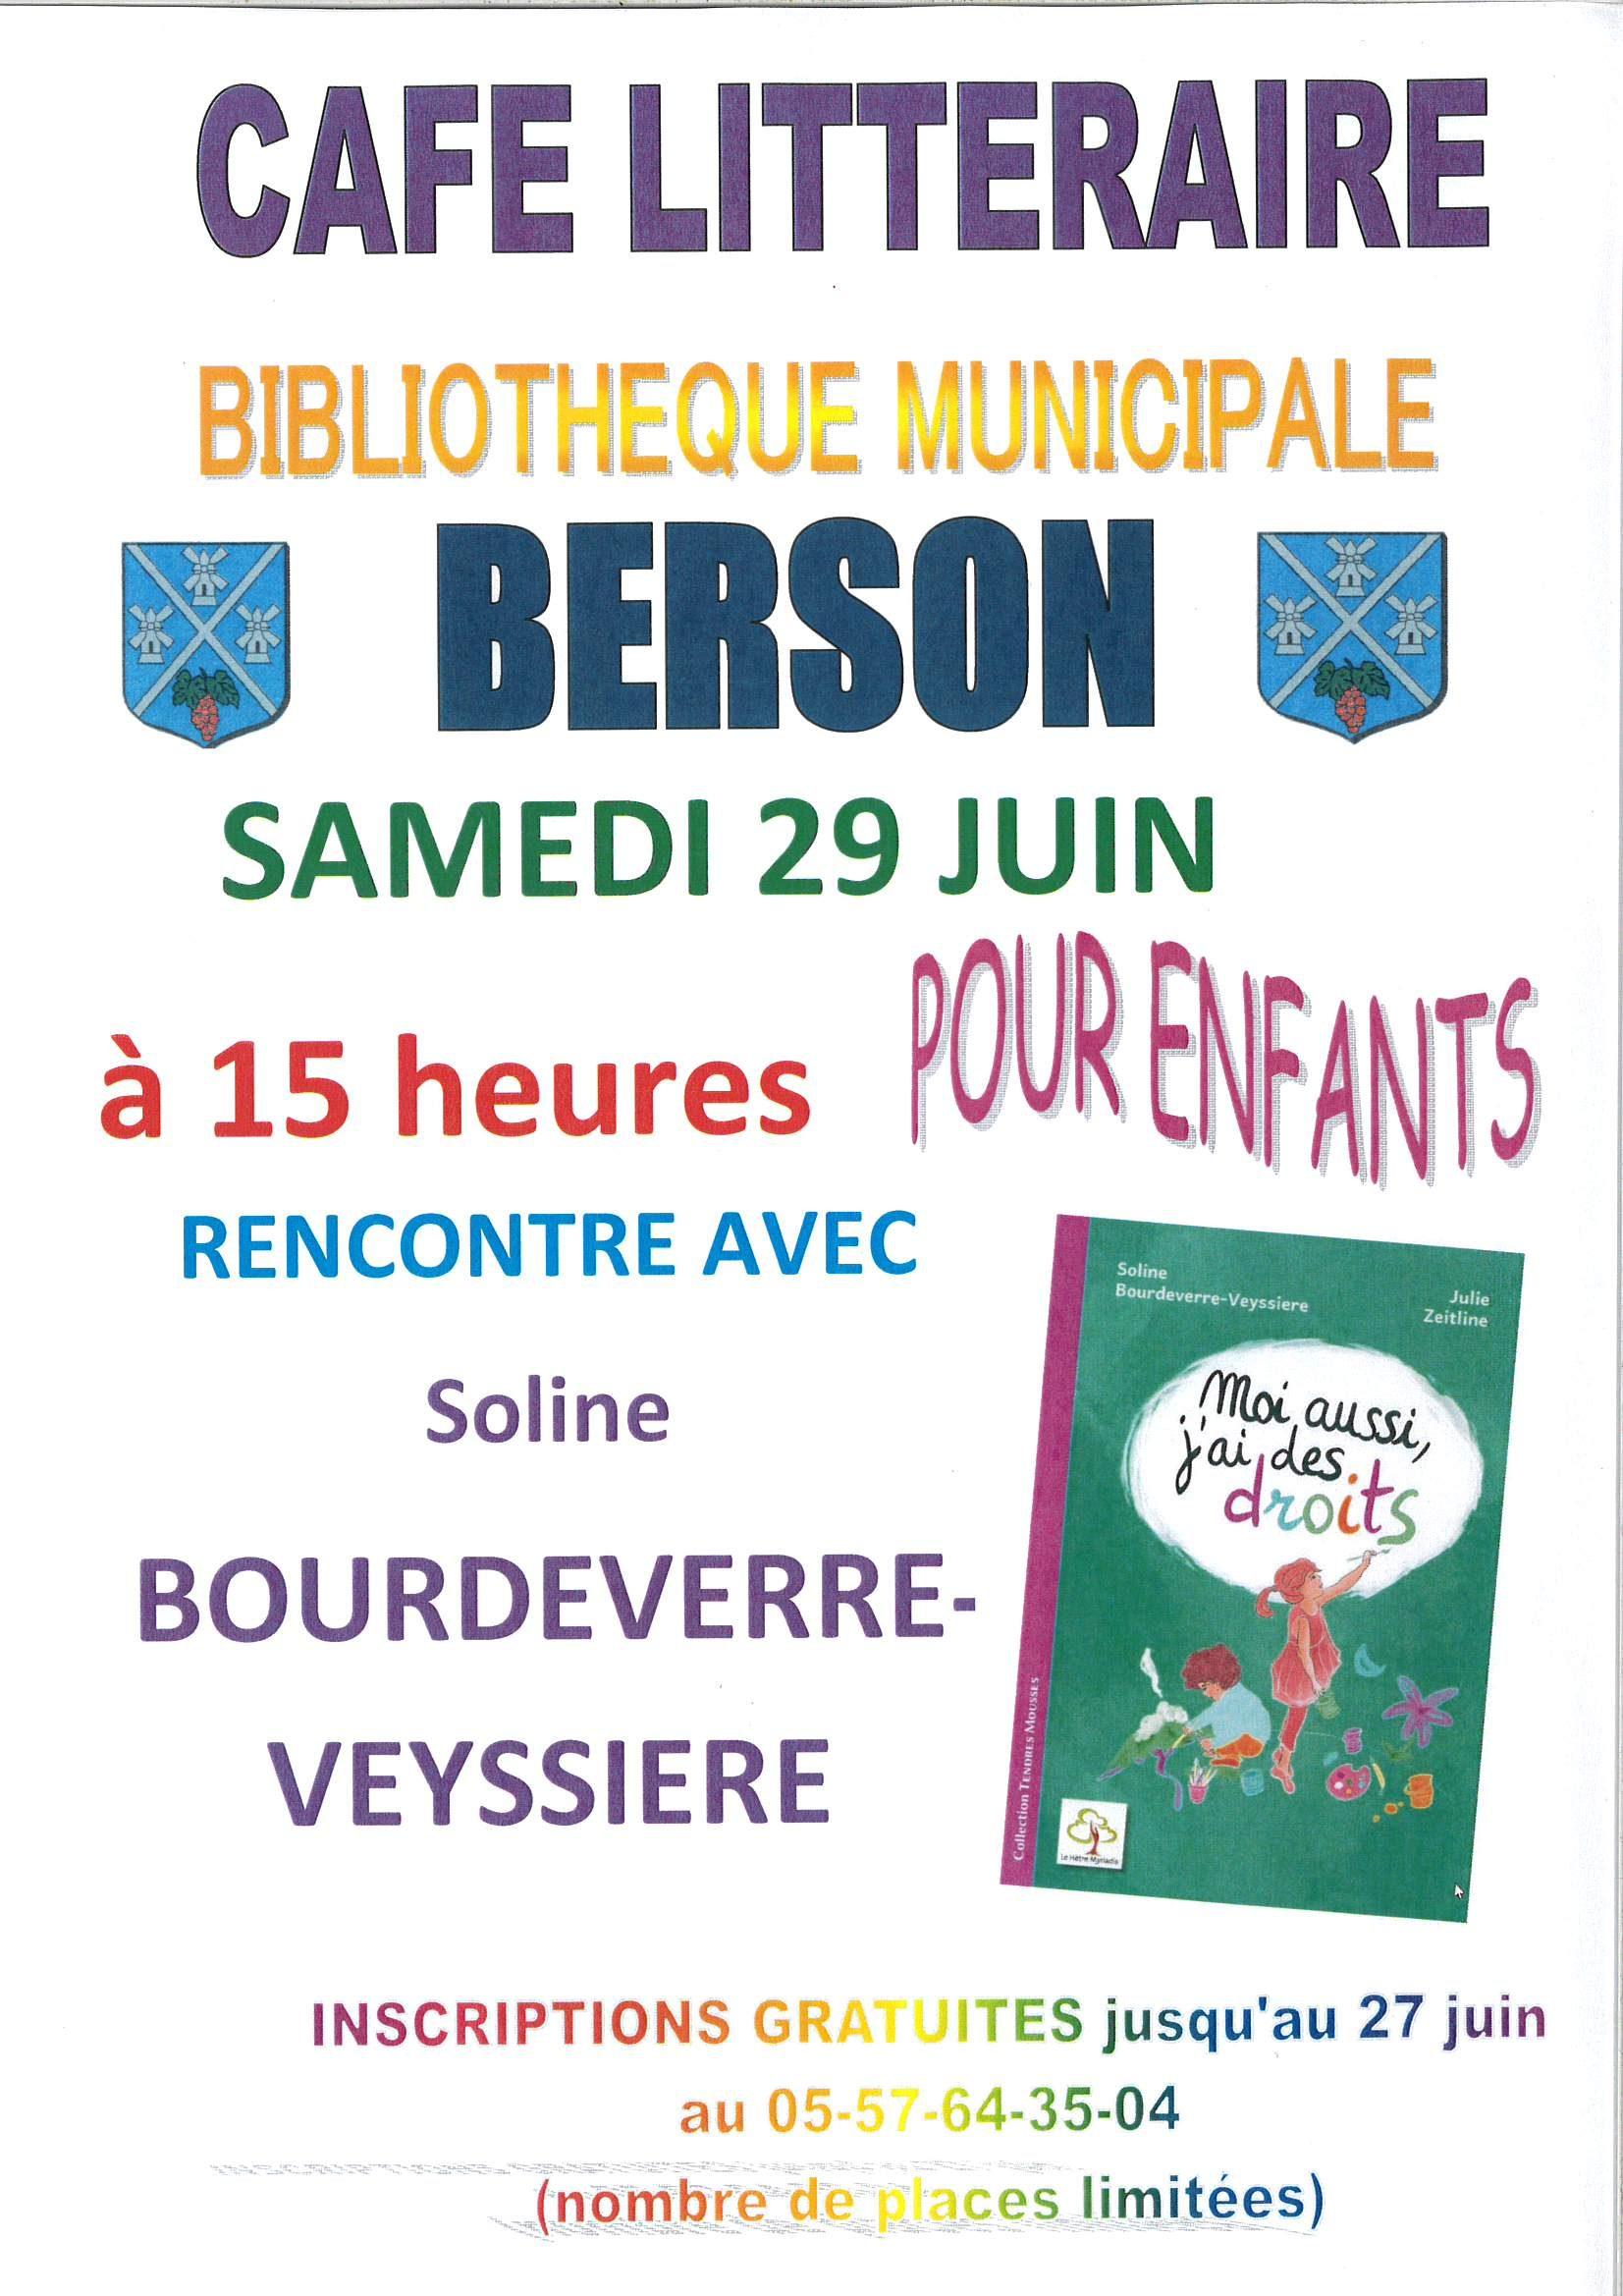 Café Littéraire @ Bibliothèque Municipale de Berson